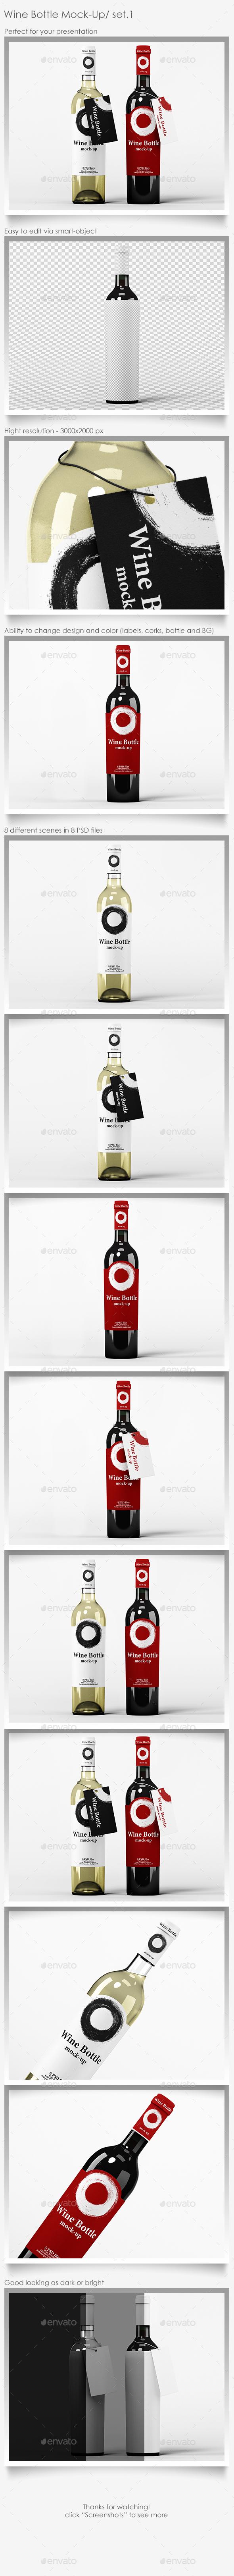 Wine Bottle Mock-Up Set.1 - Food and Drink Packaging